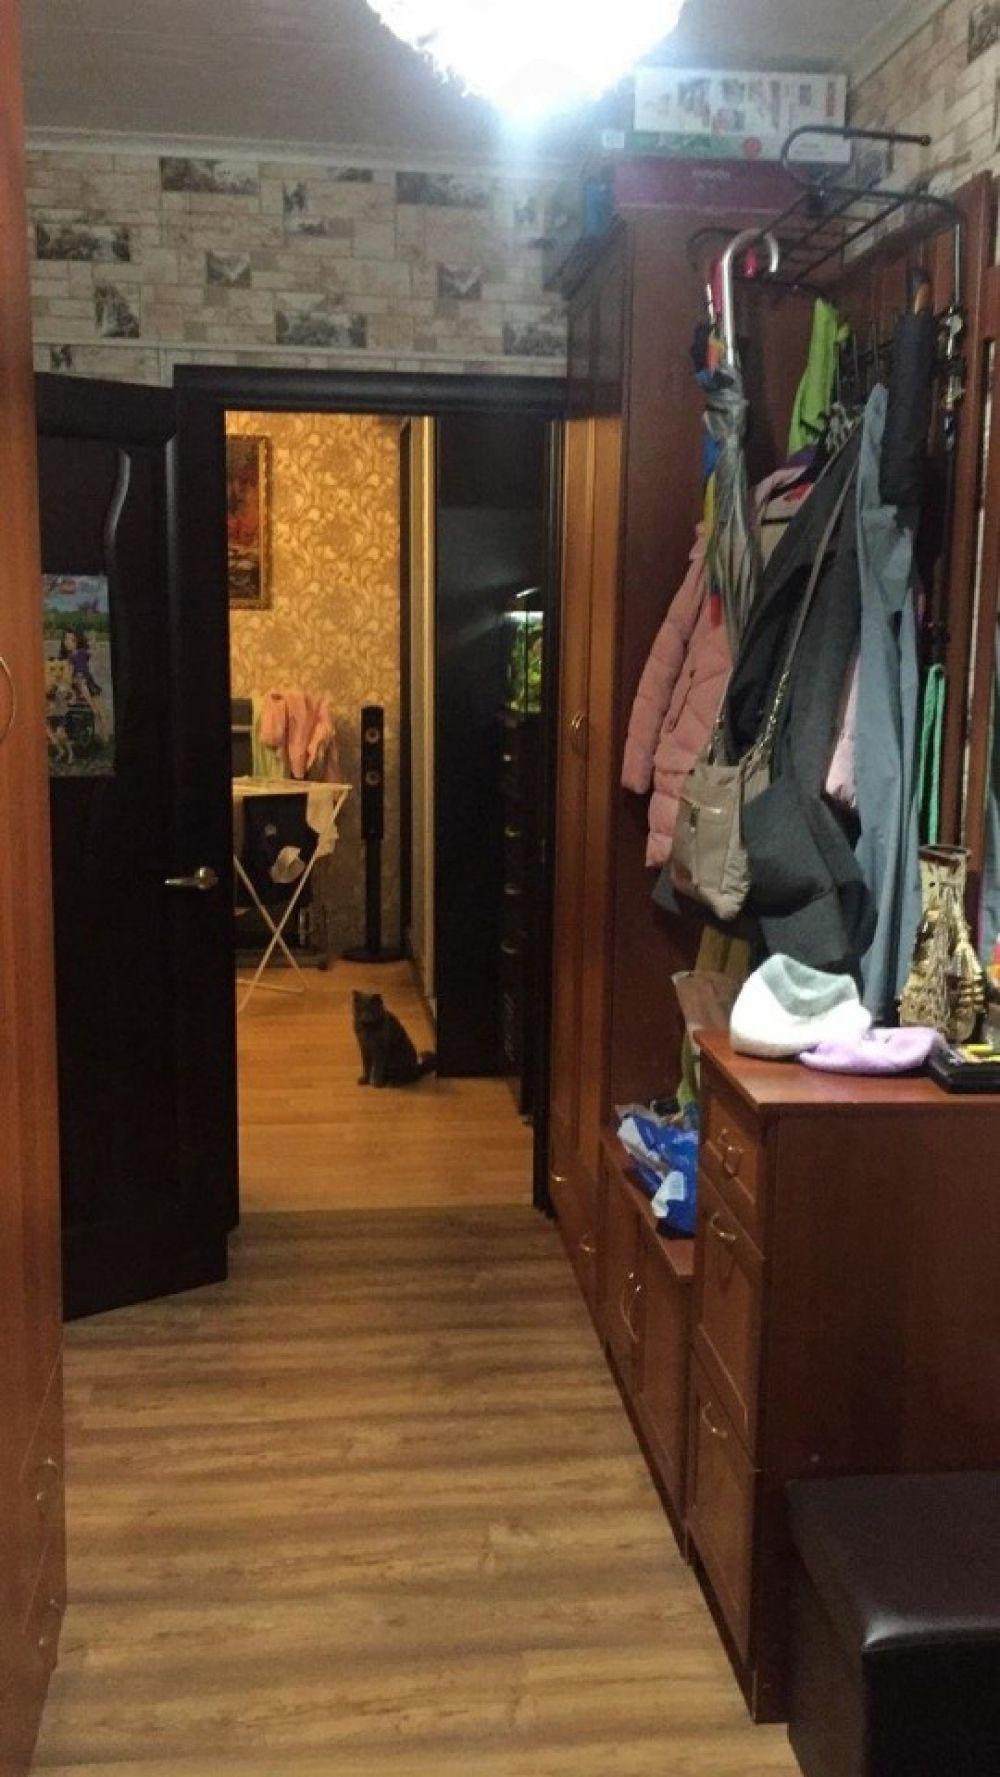 2-к квартира, 60 м2, 11/14 эт. Щёлково, микрорайон Финский, 9к2, фото 17